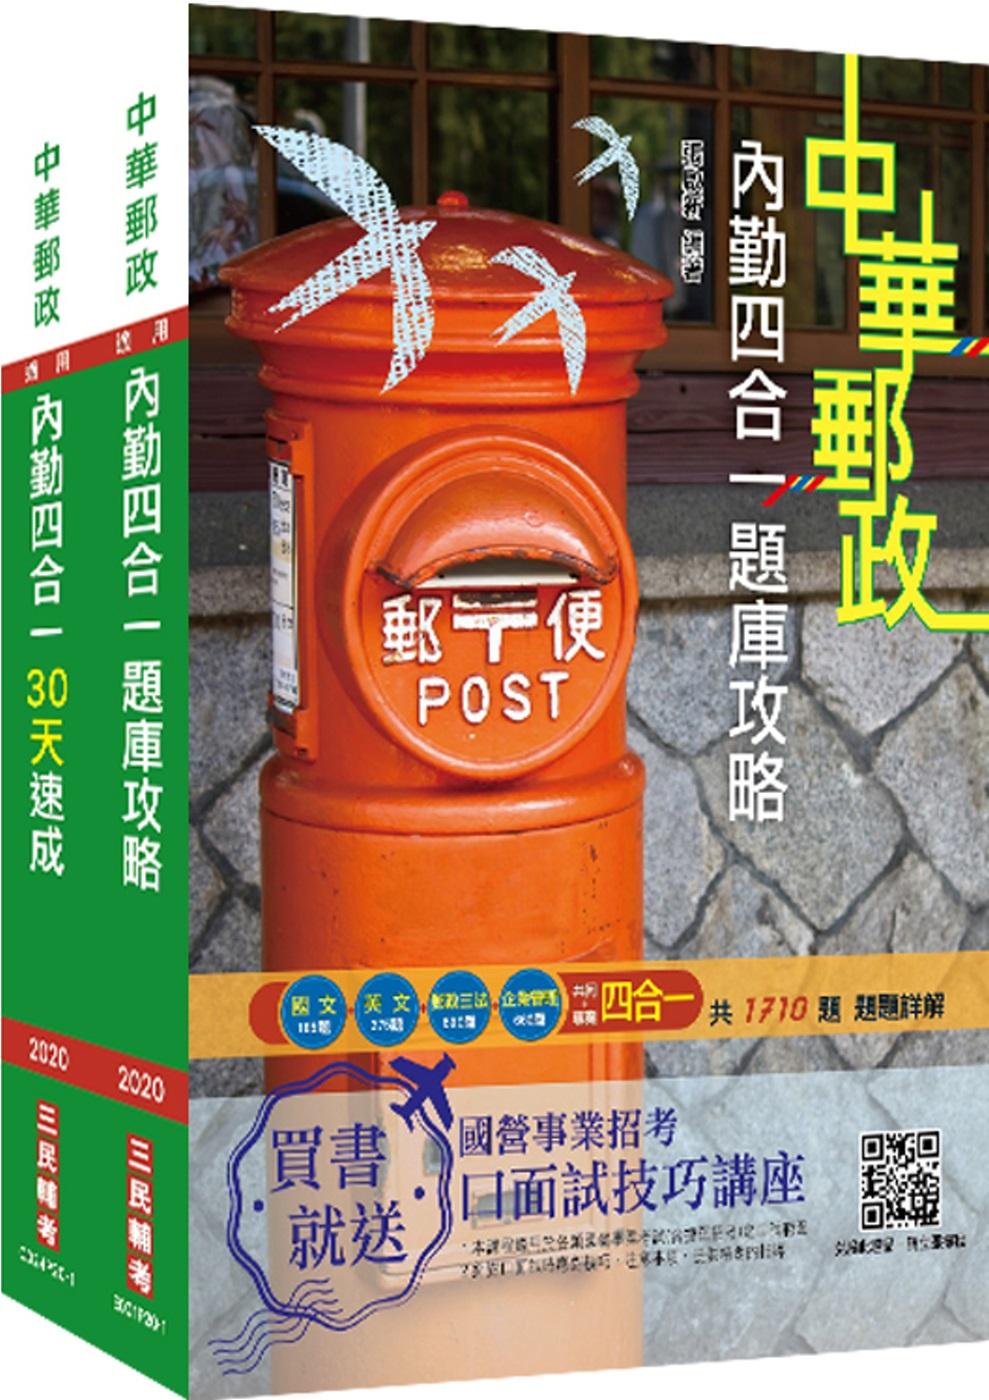 2020郵政(郵局)內勤櫃台業務套書[速成+題庫](限身心障礙人士)(中華郵政專業職二)